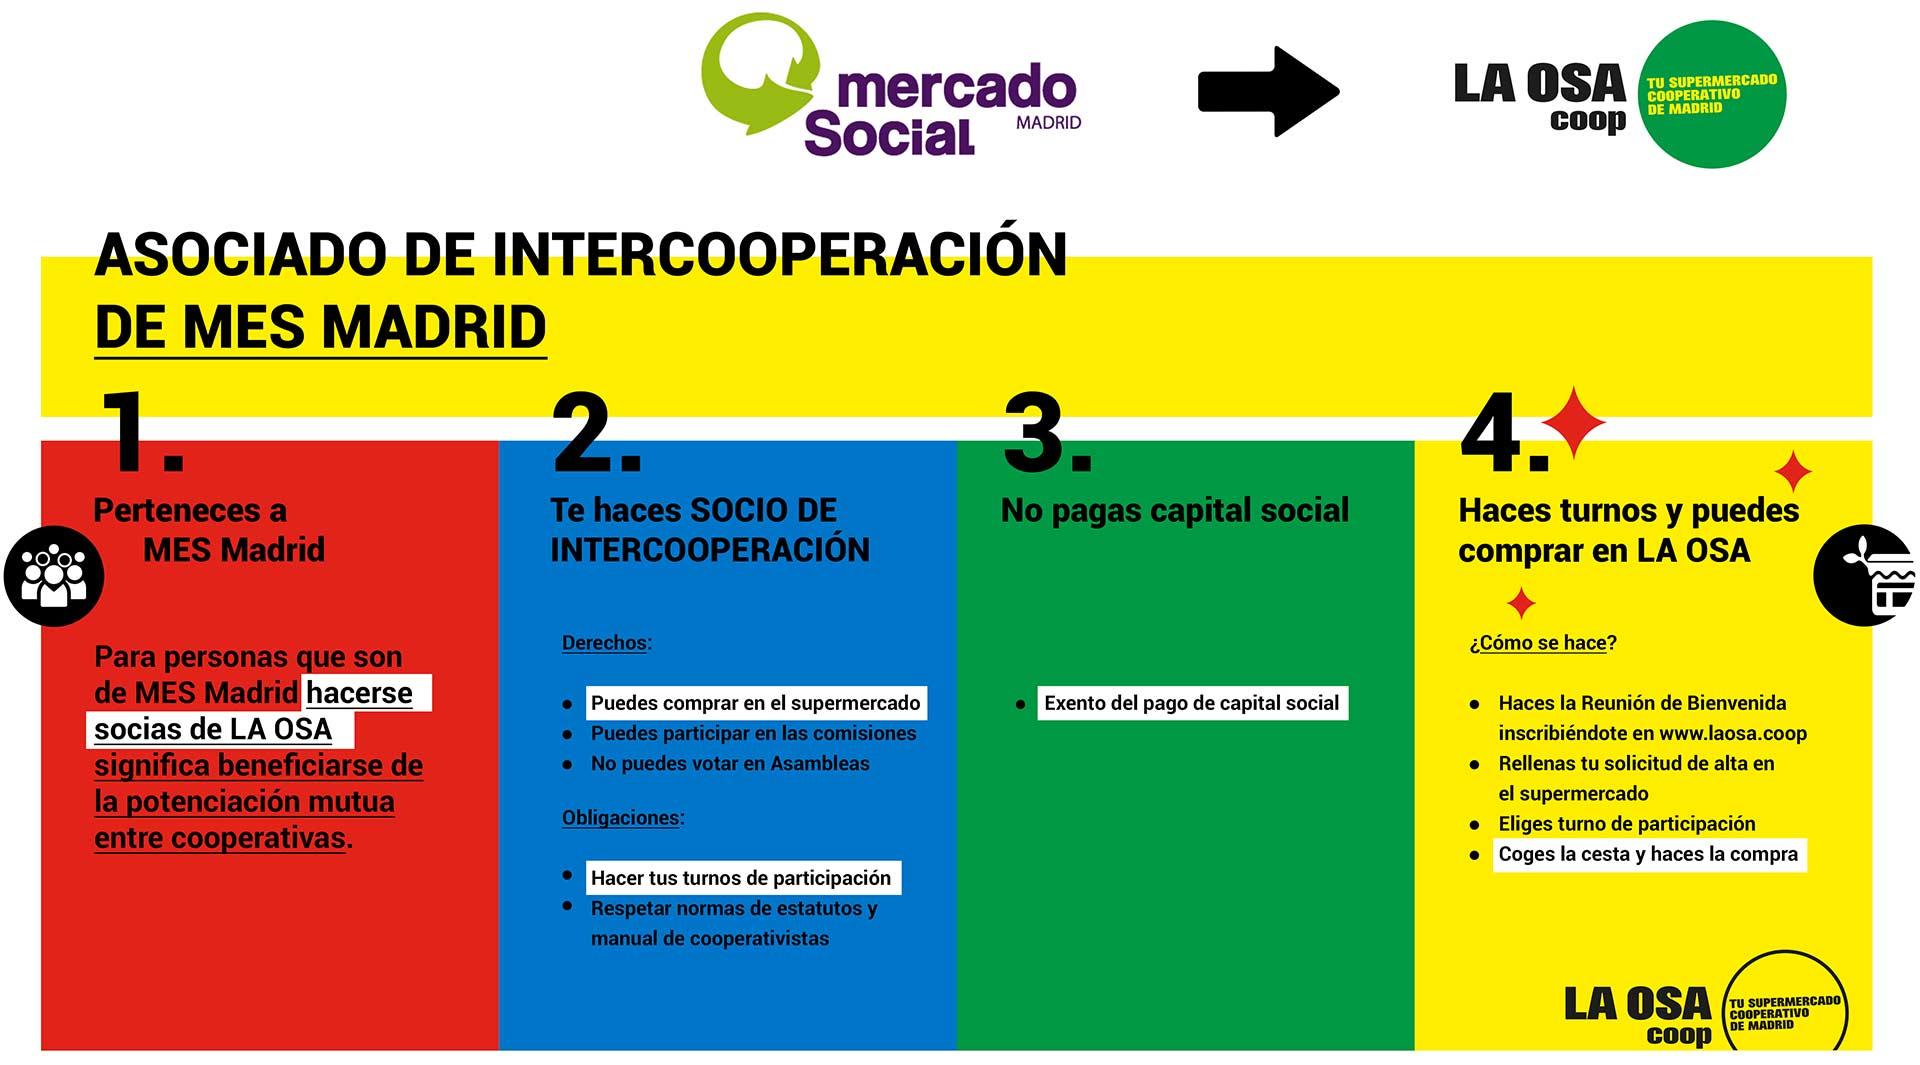 Acuerdo MES Madrid - LA OSA